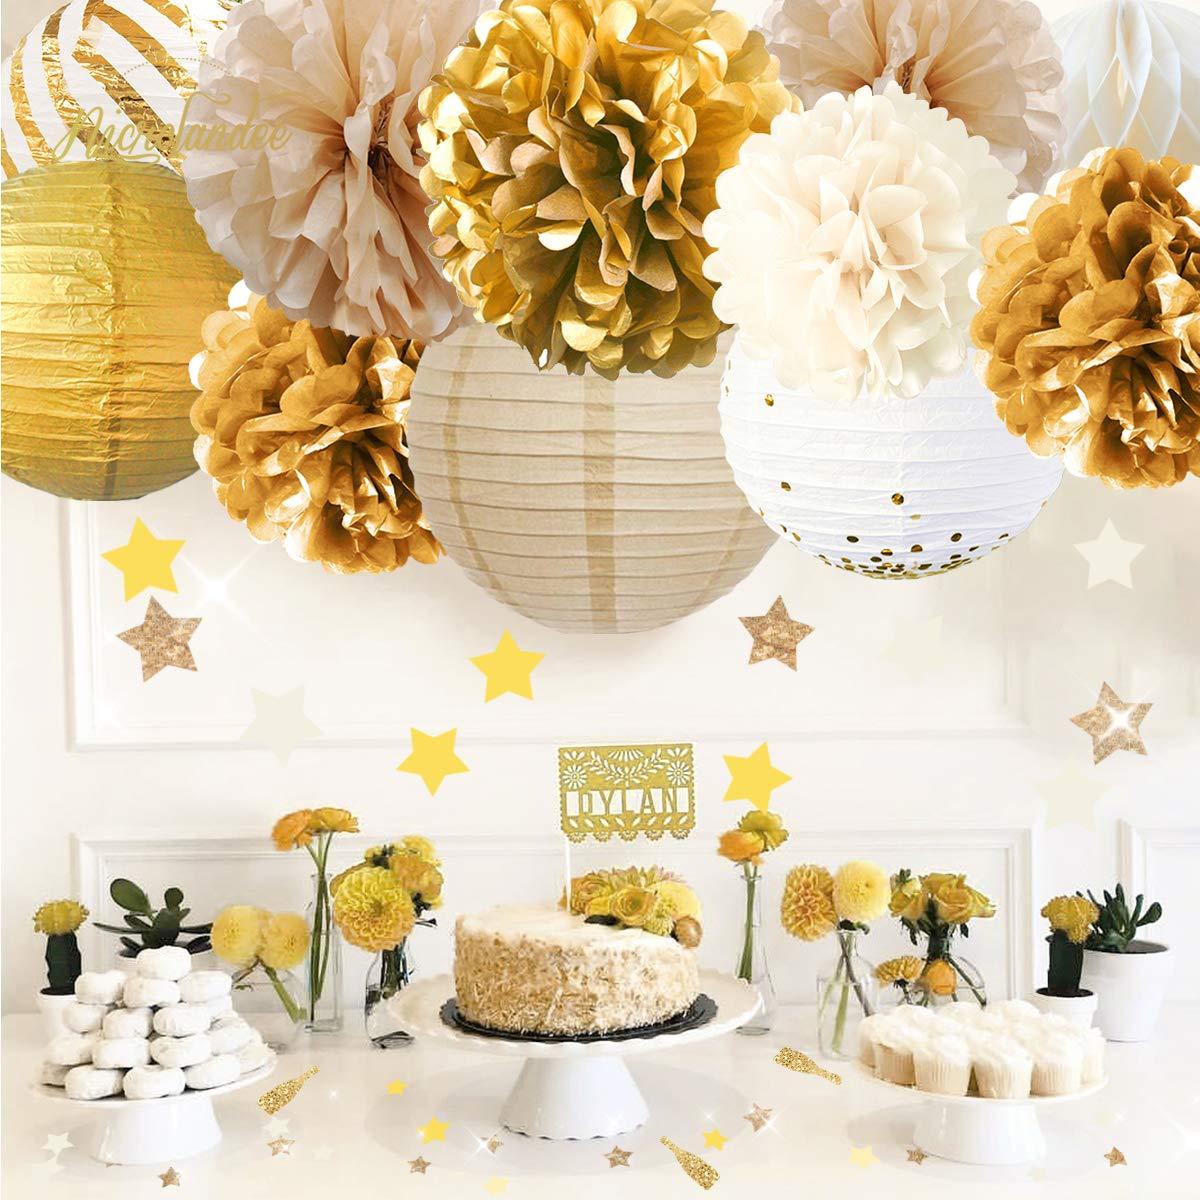 30 g NICROLANDEE Decoraci/ón de fiesta con pompones de papel con purpurina cumplea/ños suministros para bodas baby shower Elefante Gery Rosa despedidas de soltera